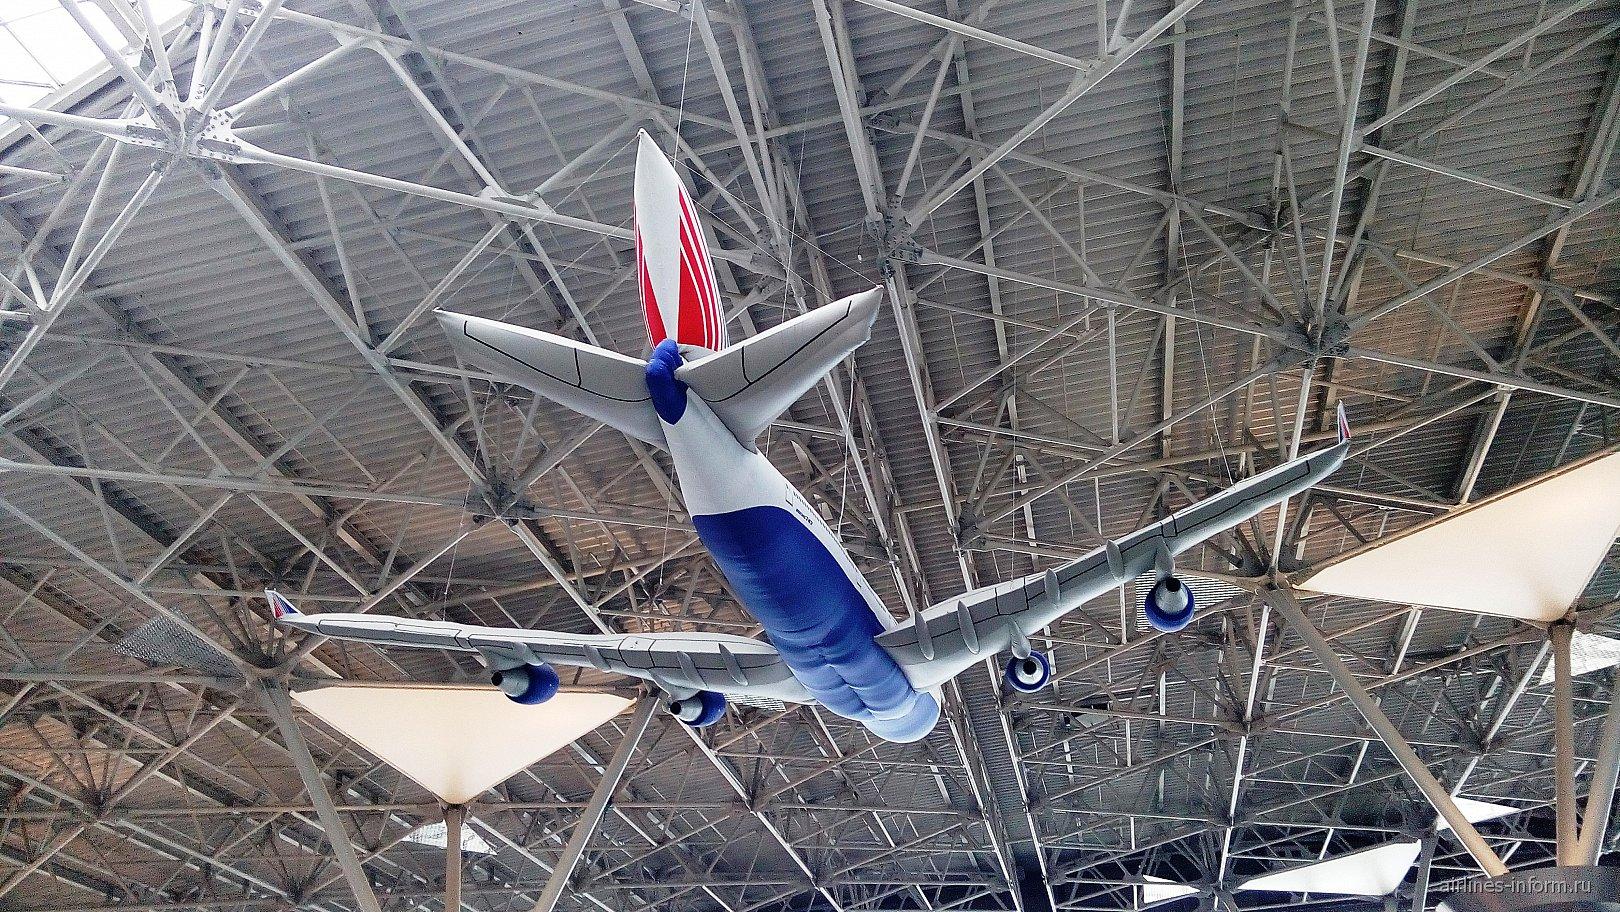 Надувной макет самолета Боинг-747 Трансаэро в терминале А аэропорта Внуково